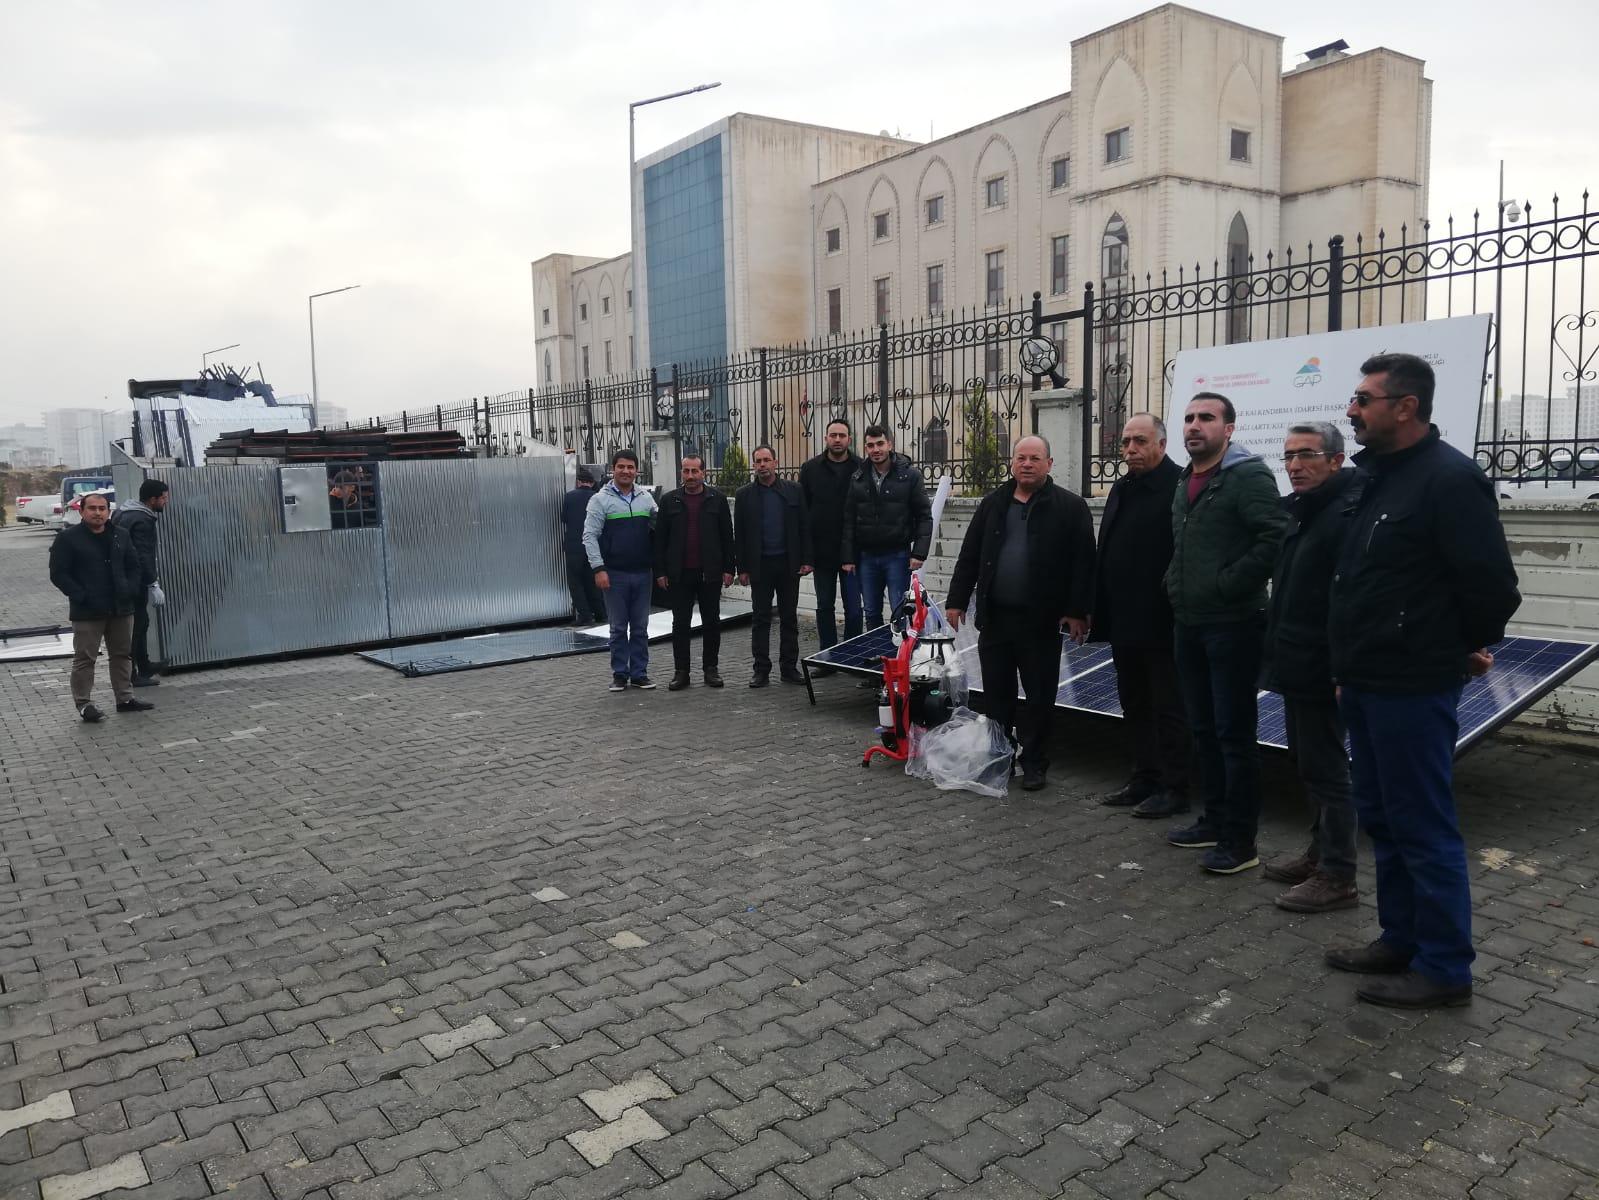 Mardin'de çobanlar güneş panelli barakalarda kalacak